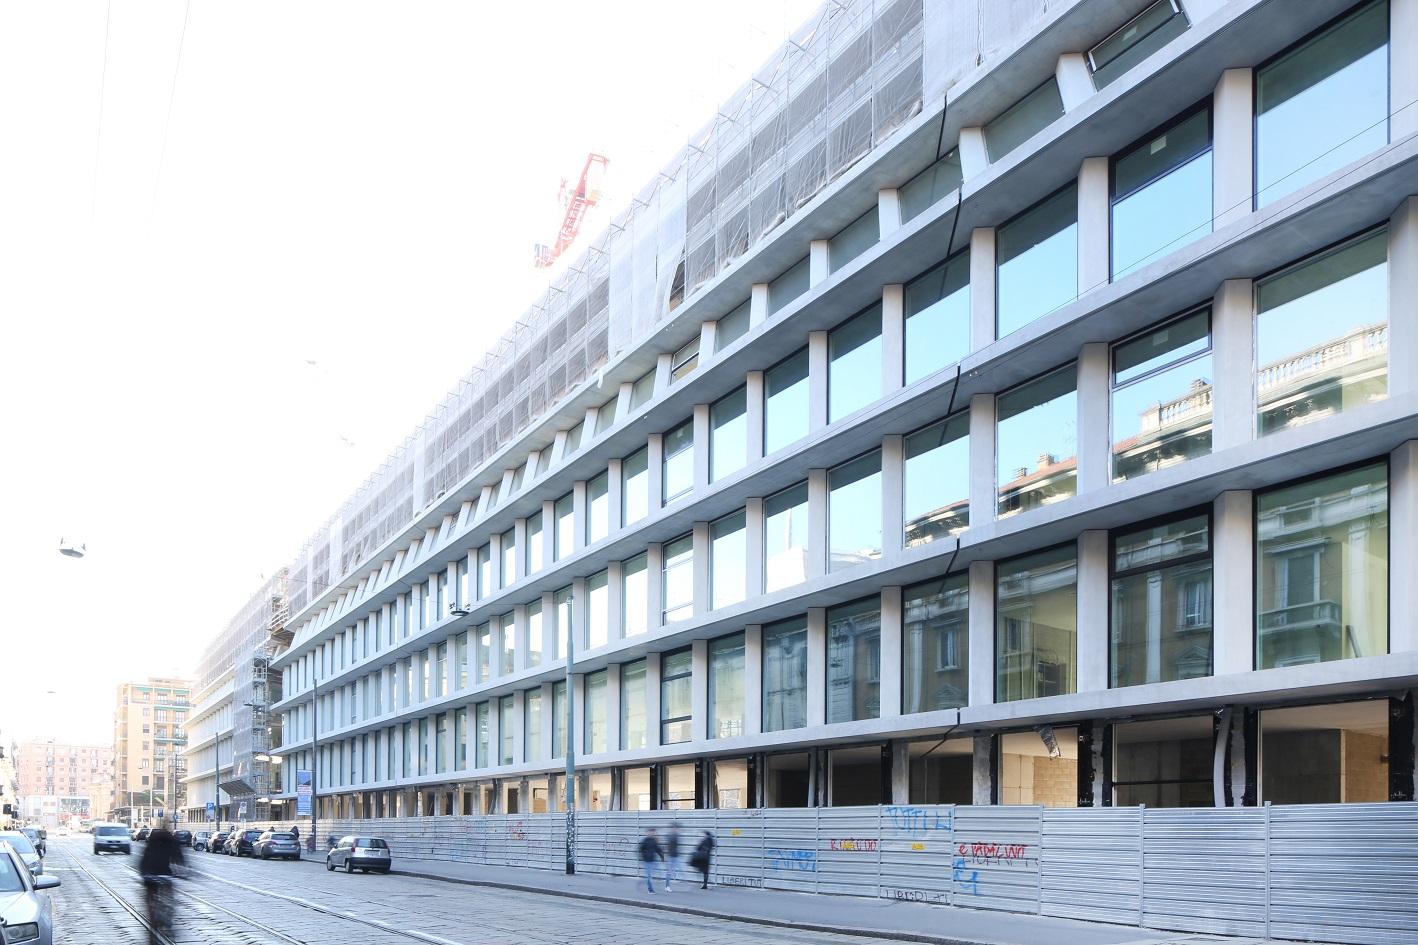 Herzog & de Meuron, Fondazione Feltrinelli, Milano - photo ©Filippo Romano